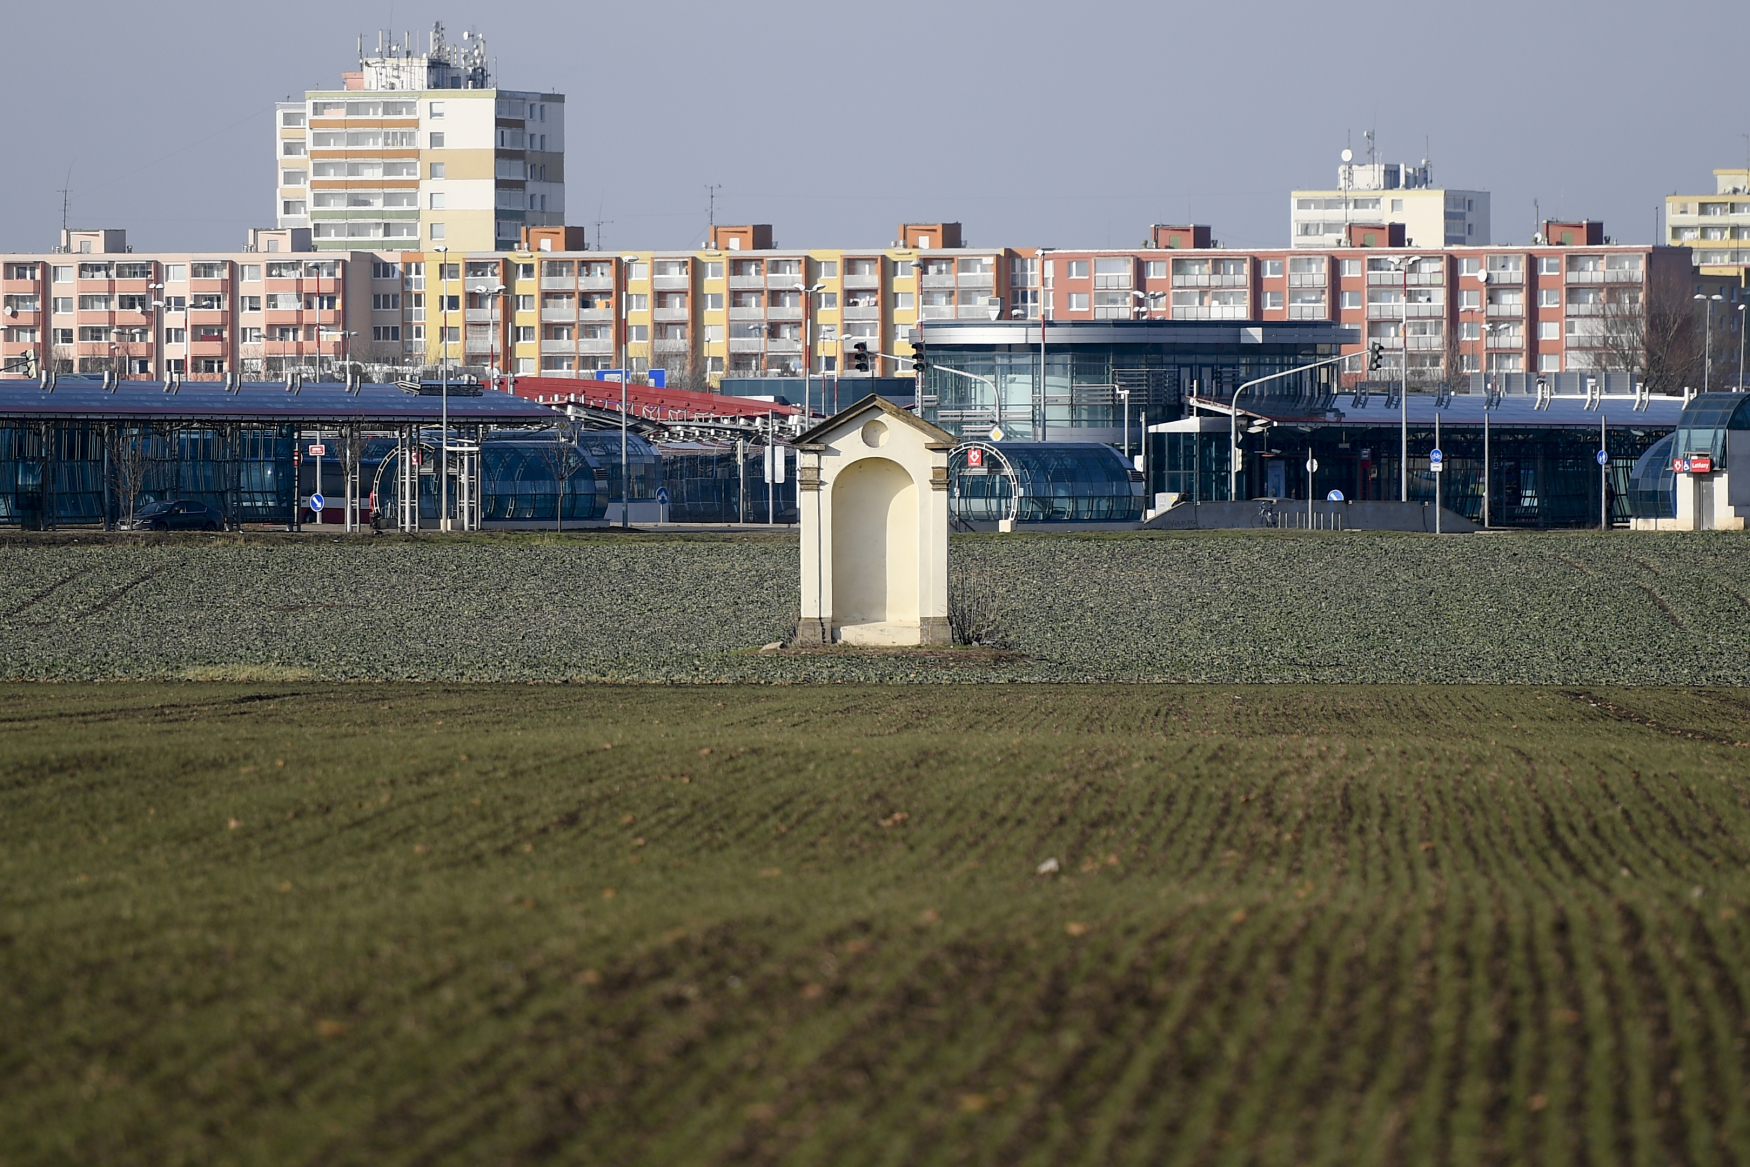 Pozemek v pražských Letňanech, který by chtěl premiér Babiš získat od Prahy a postavit na něm kanceláře pro státní úředníky